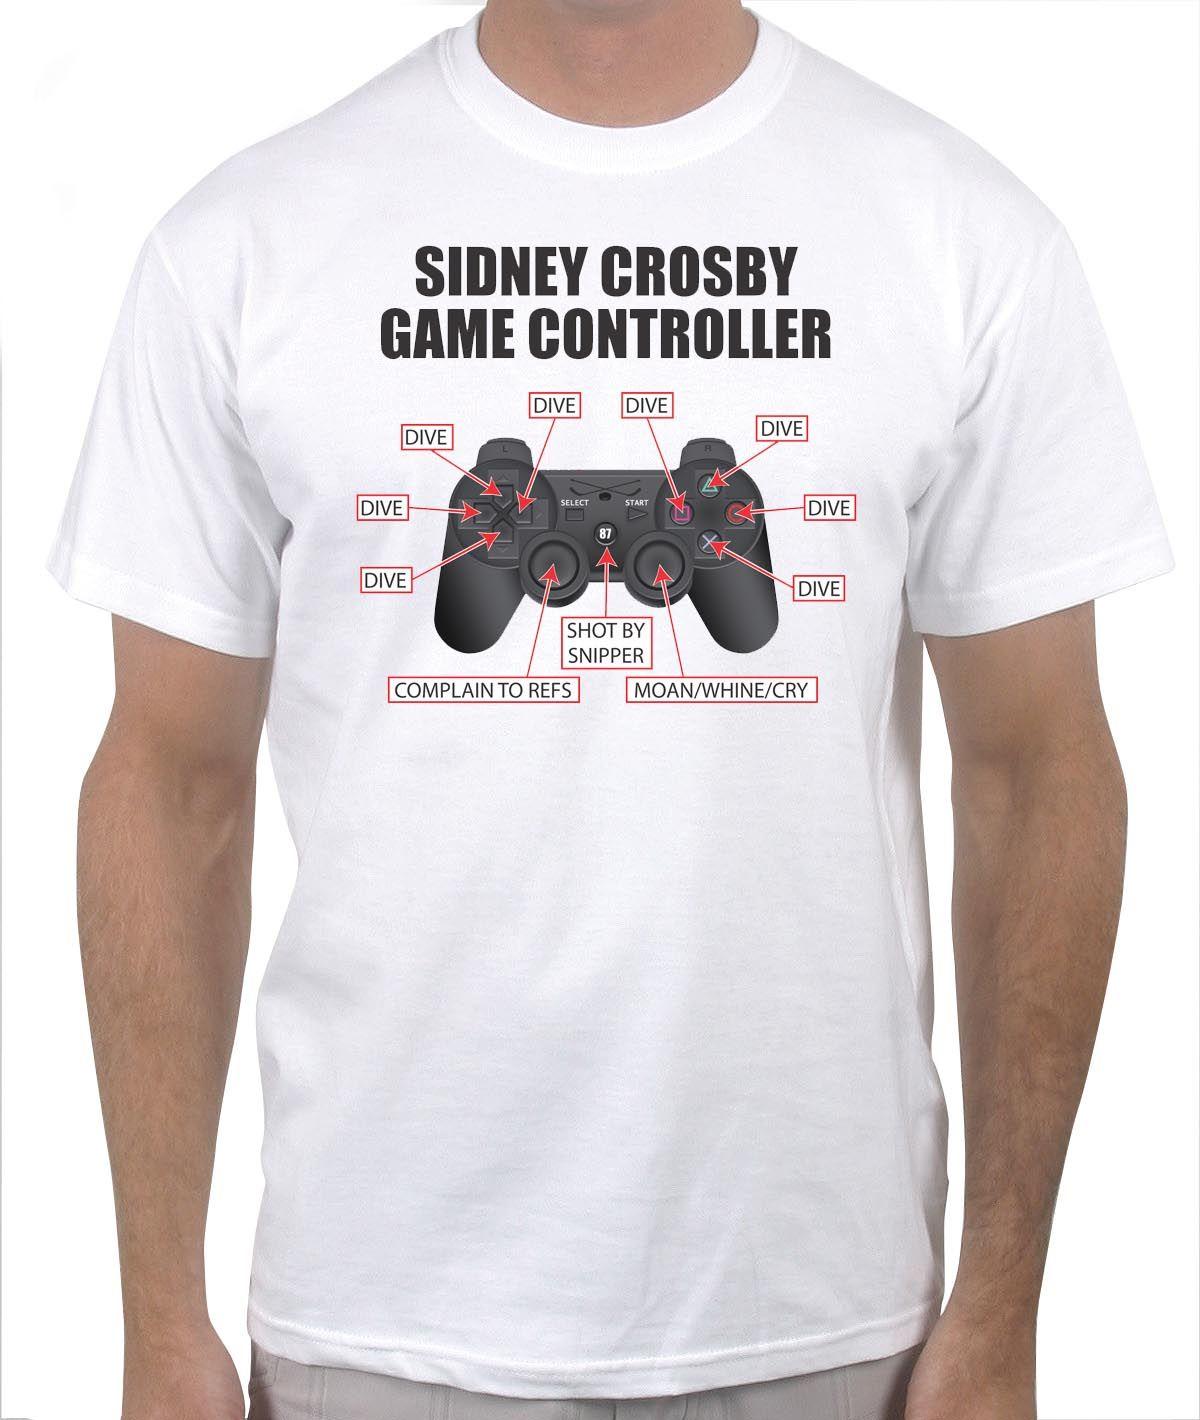 f2169a0cab Sidney Crosby Game Controller   Funny Hockey T-Shirts   Sidney ...